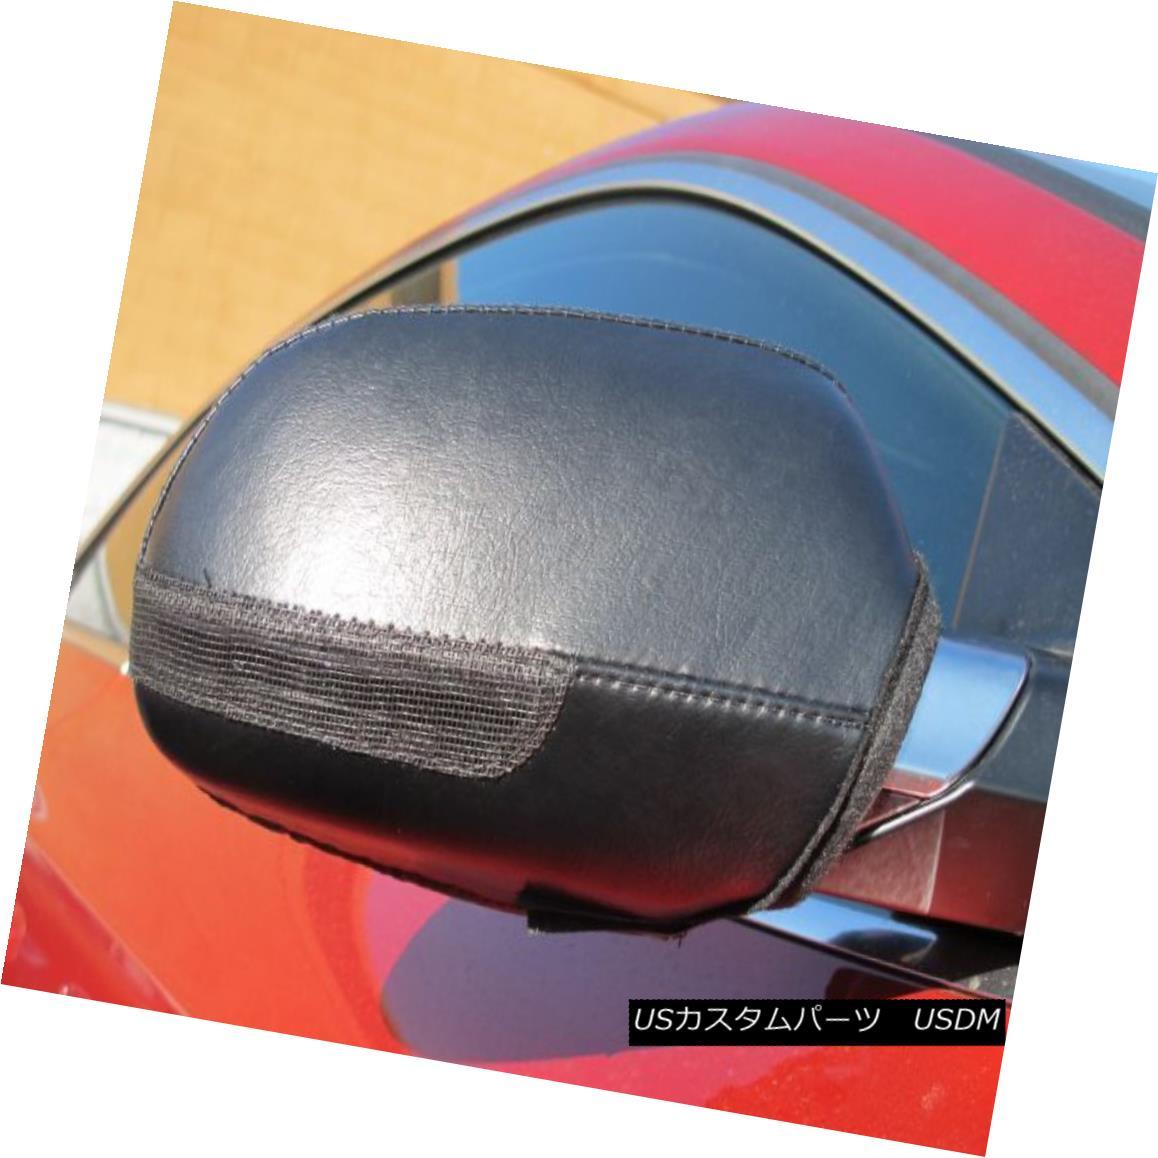 フルブラ ノーズブラ Colgan Car Mirror Covers Bra Protector Black Fits 2013-14 AUDI A5, S5 Coupe&Conv コルガン車用ミラーカバーブラプロテクターブラック2013-14 AUDI A5、S5クーペ&コンバット